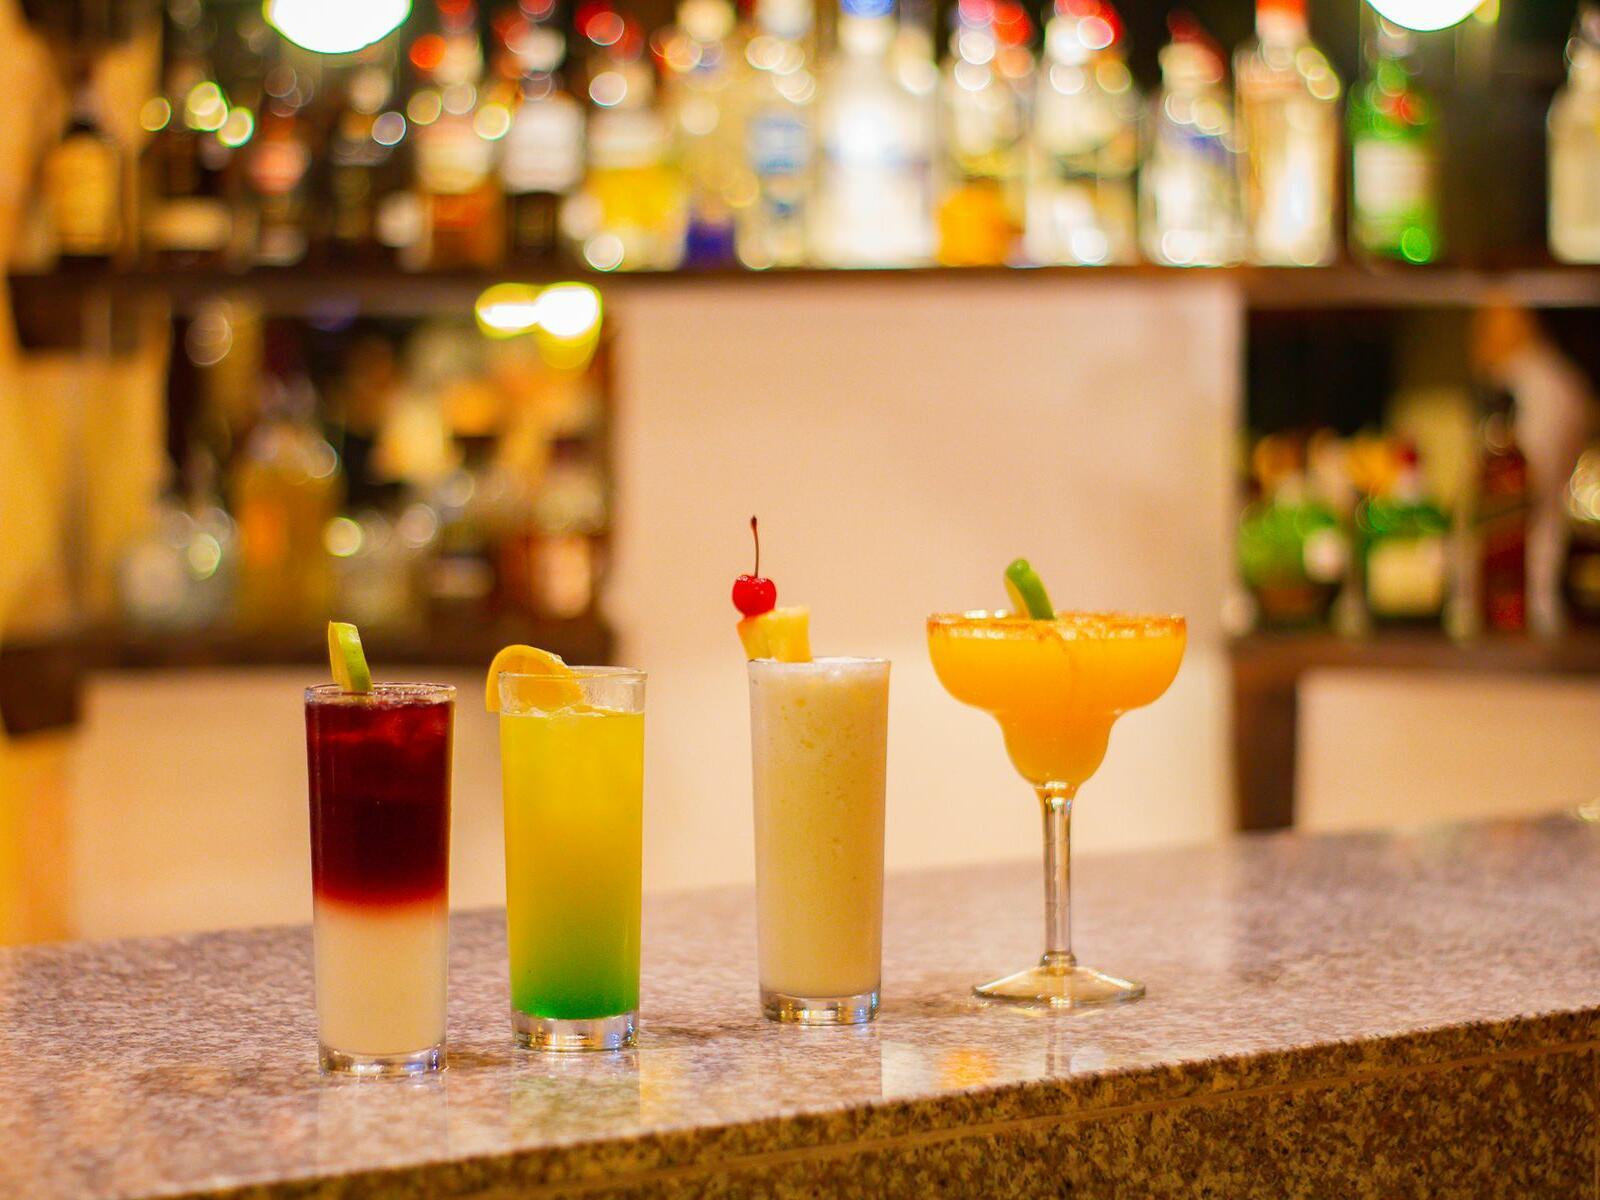 row of mixed drinks at a bar